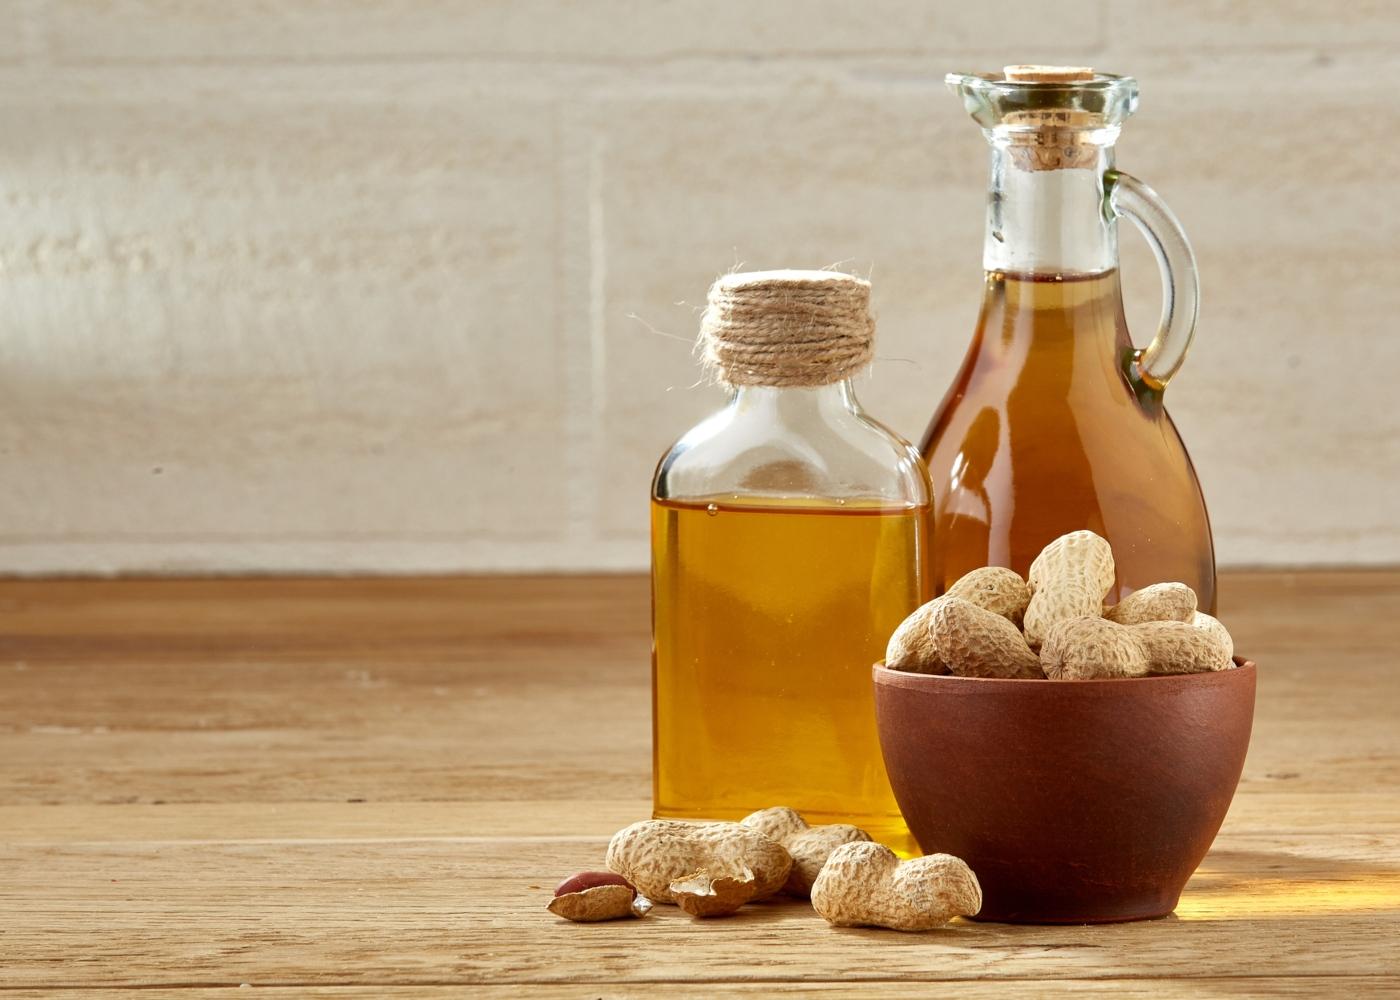 Alimentos geneticamente modificados: óleo de amendoim